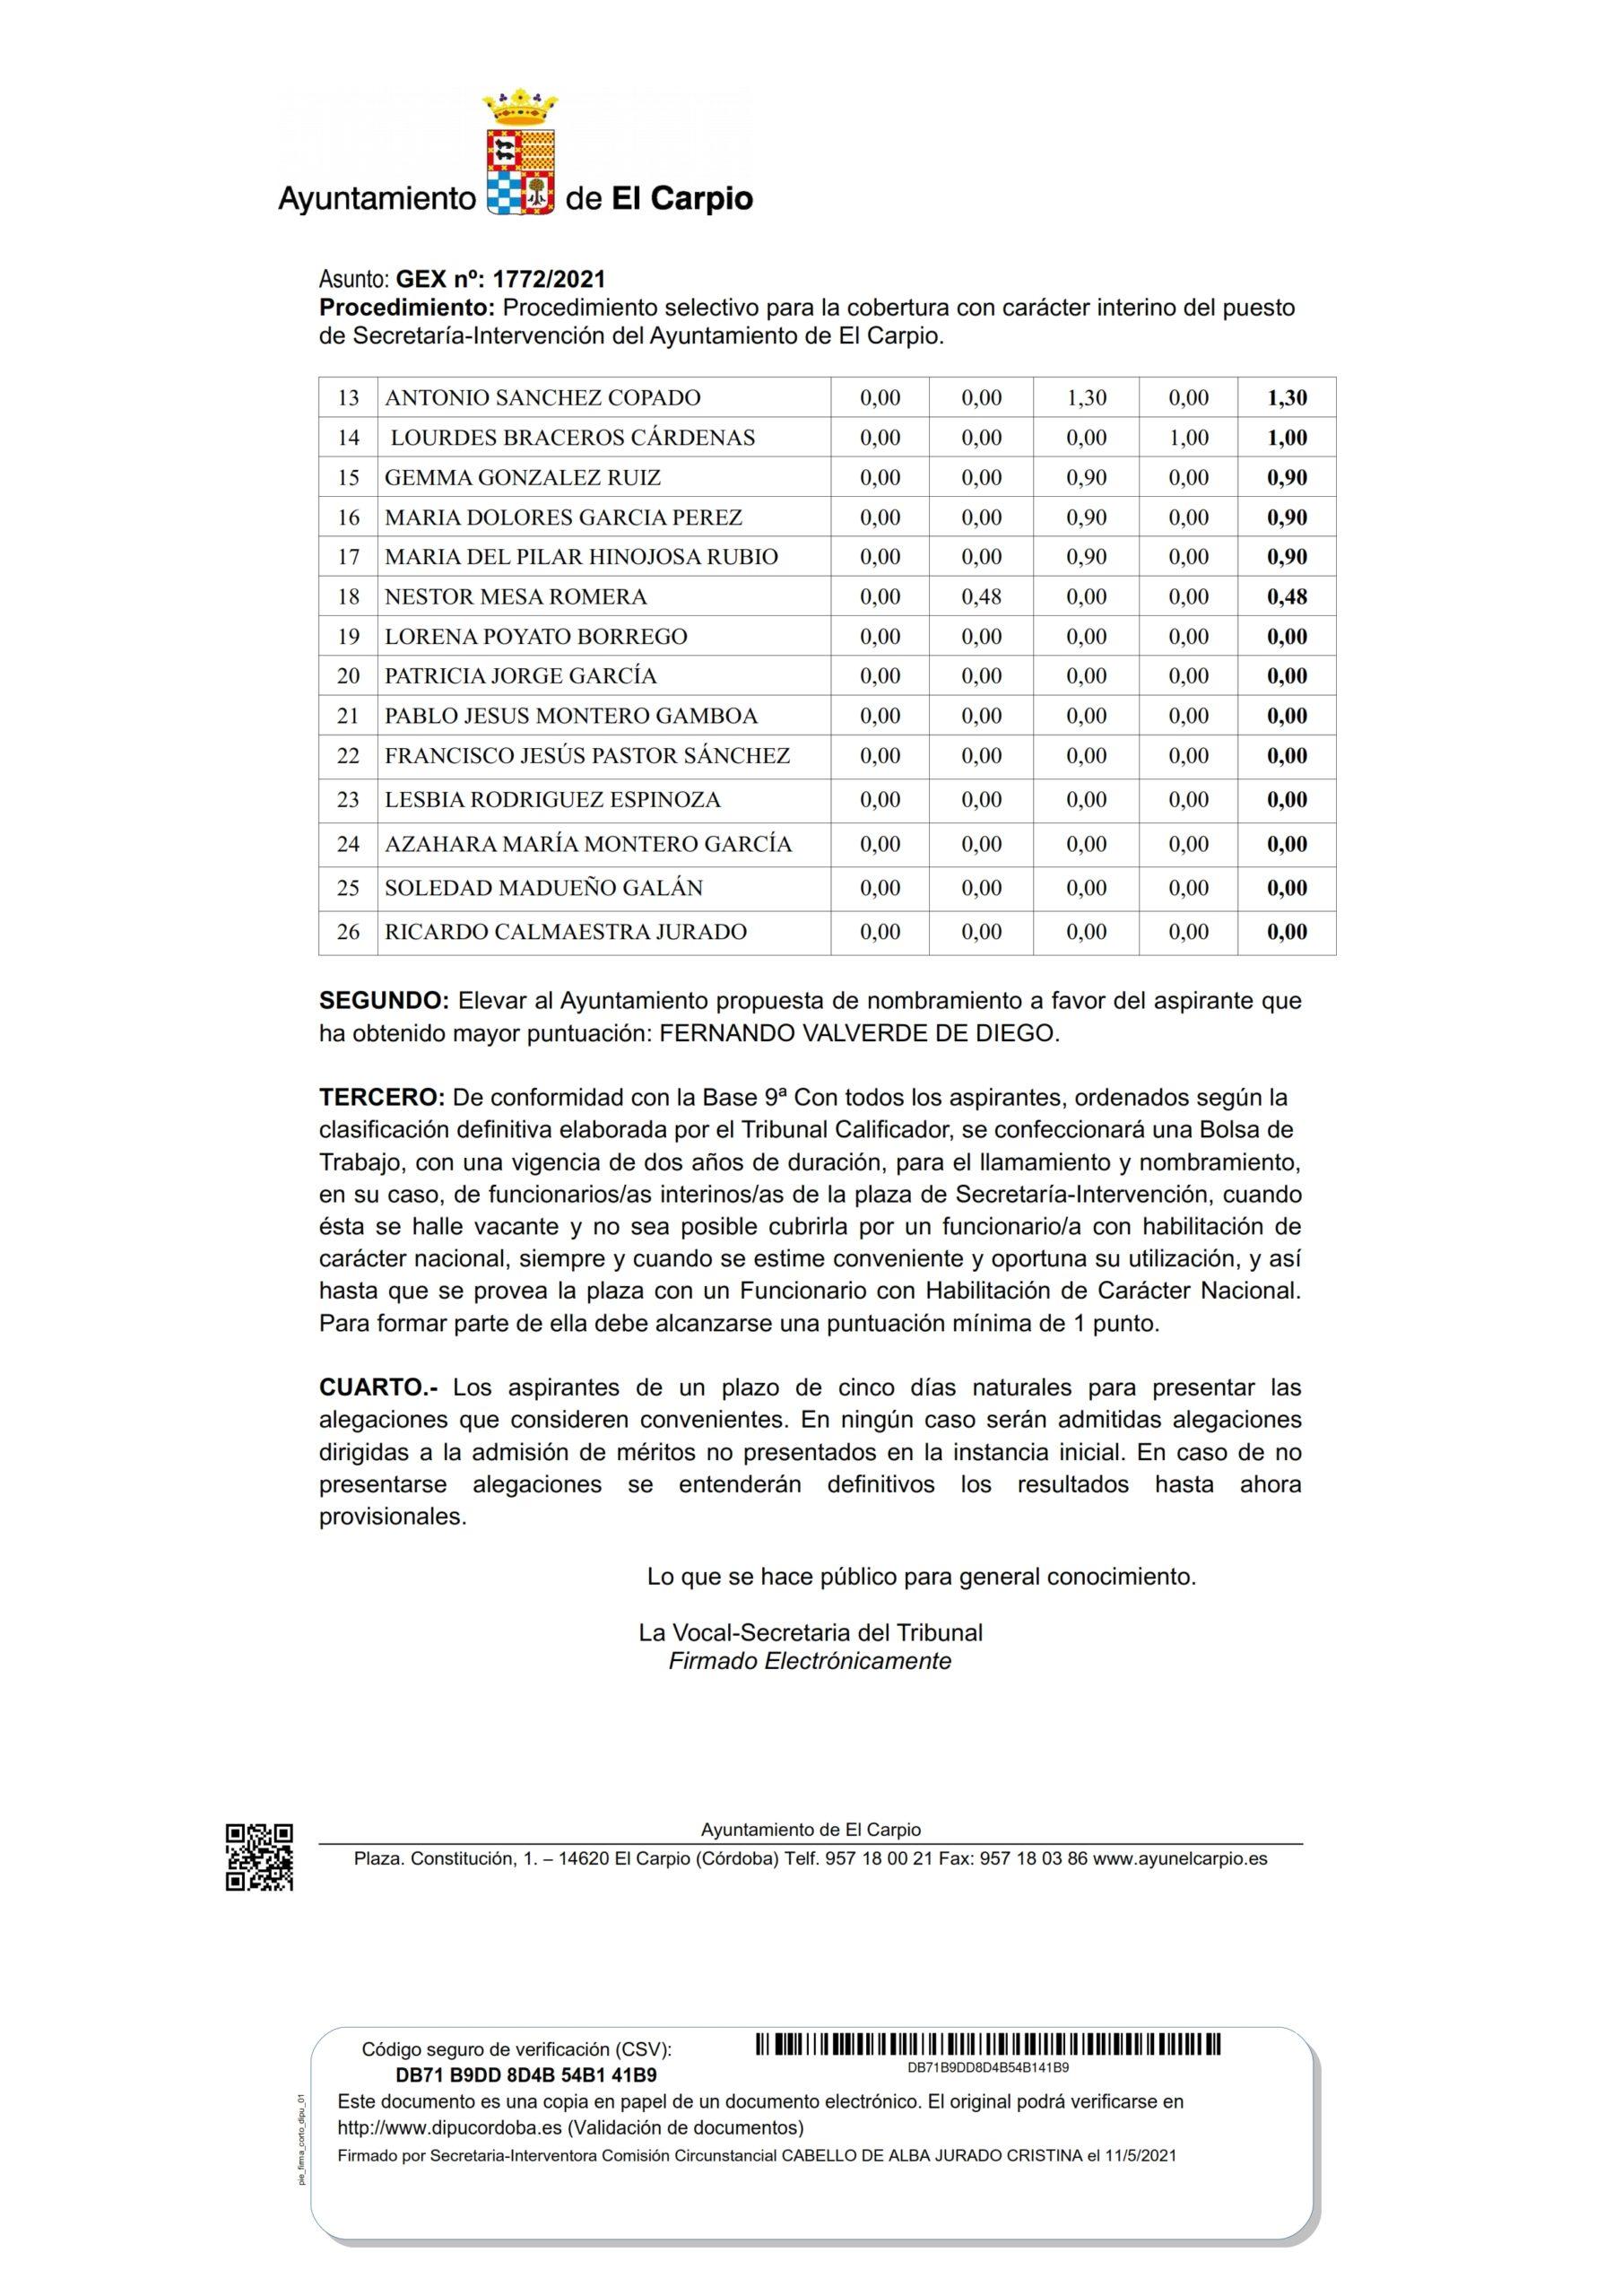 RESULTADOS PROVISIONALES PROCESO SELECTIVO PARA LA COBERTURA DEL PUESTO DE SECRETARÍA-INTERVENCIÓN CON CARACTER INTERINO